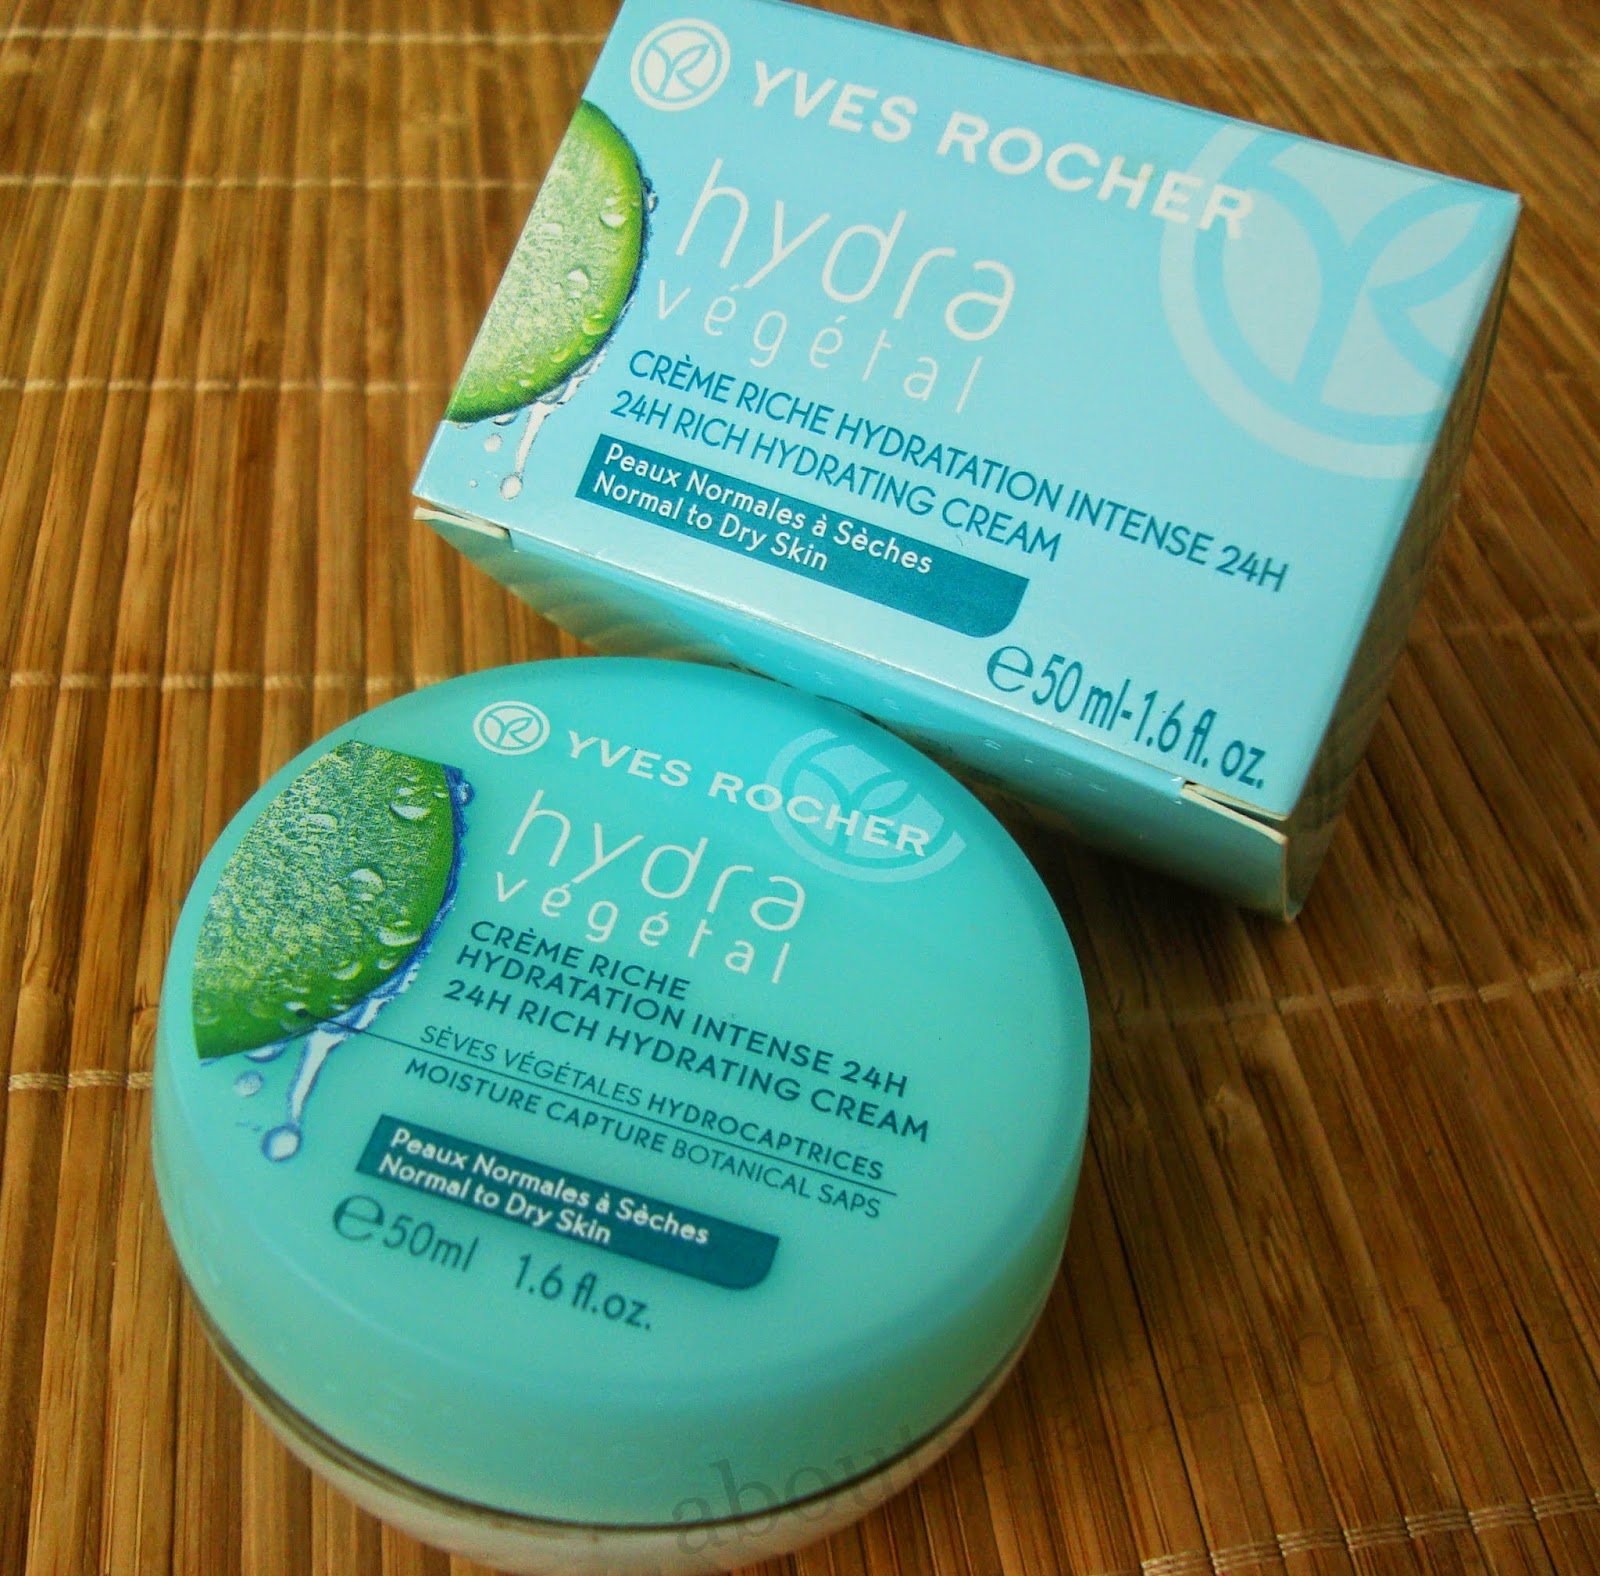 Yves Rocher, Hydra Vegetal, Aksamitny krem intensywnie..